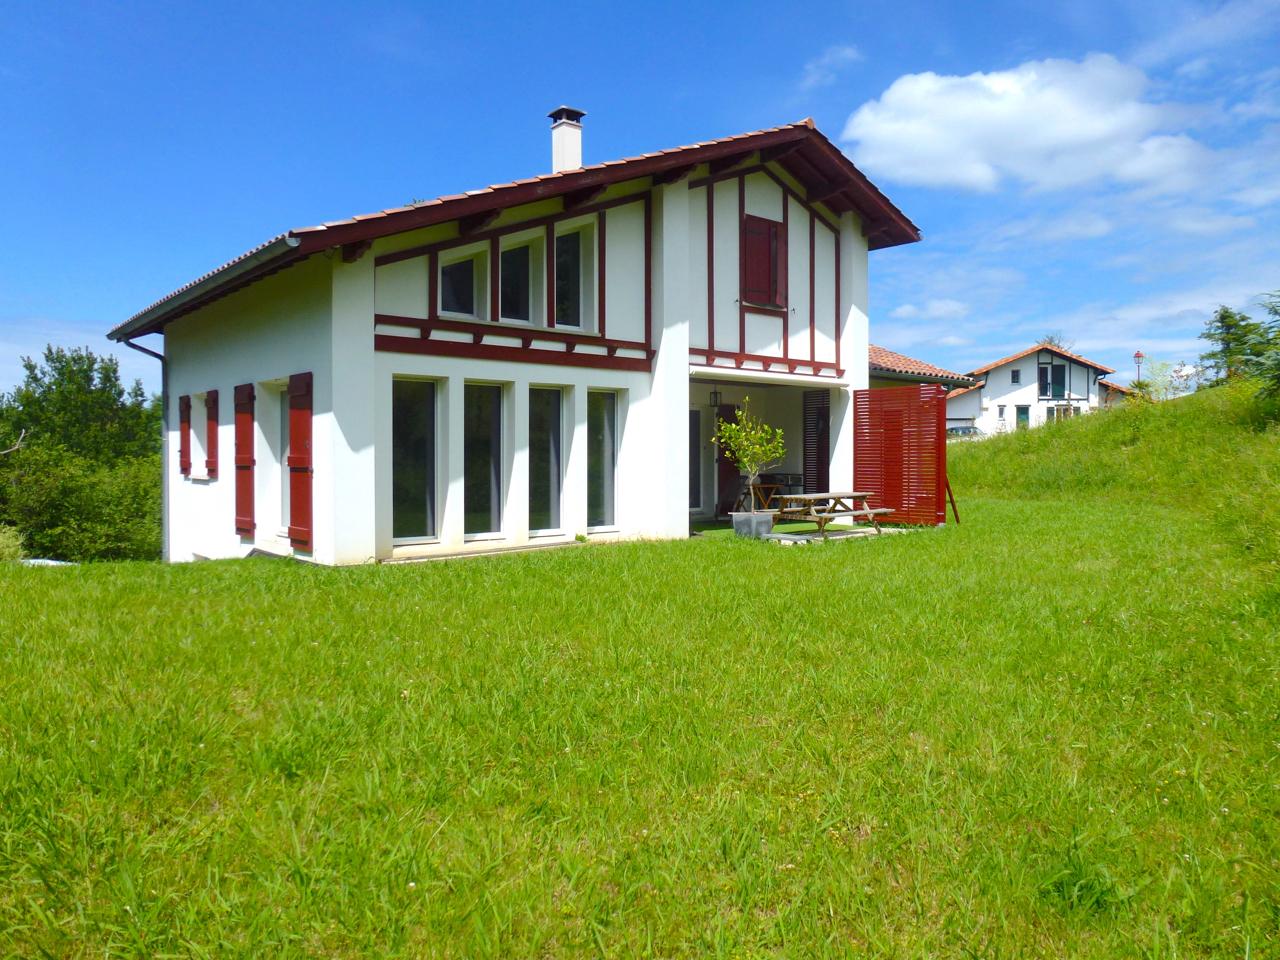 vente maison à ASCAIN - 595 750